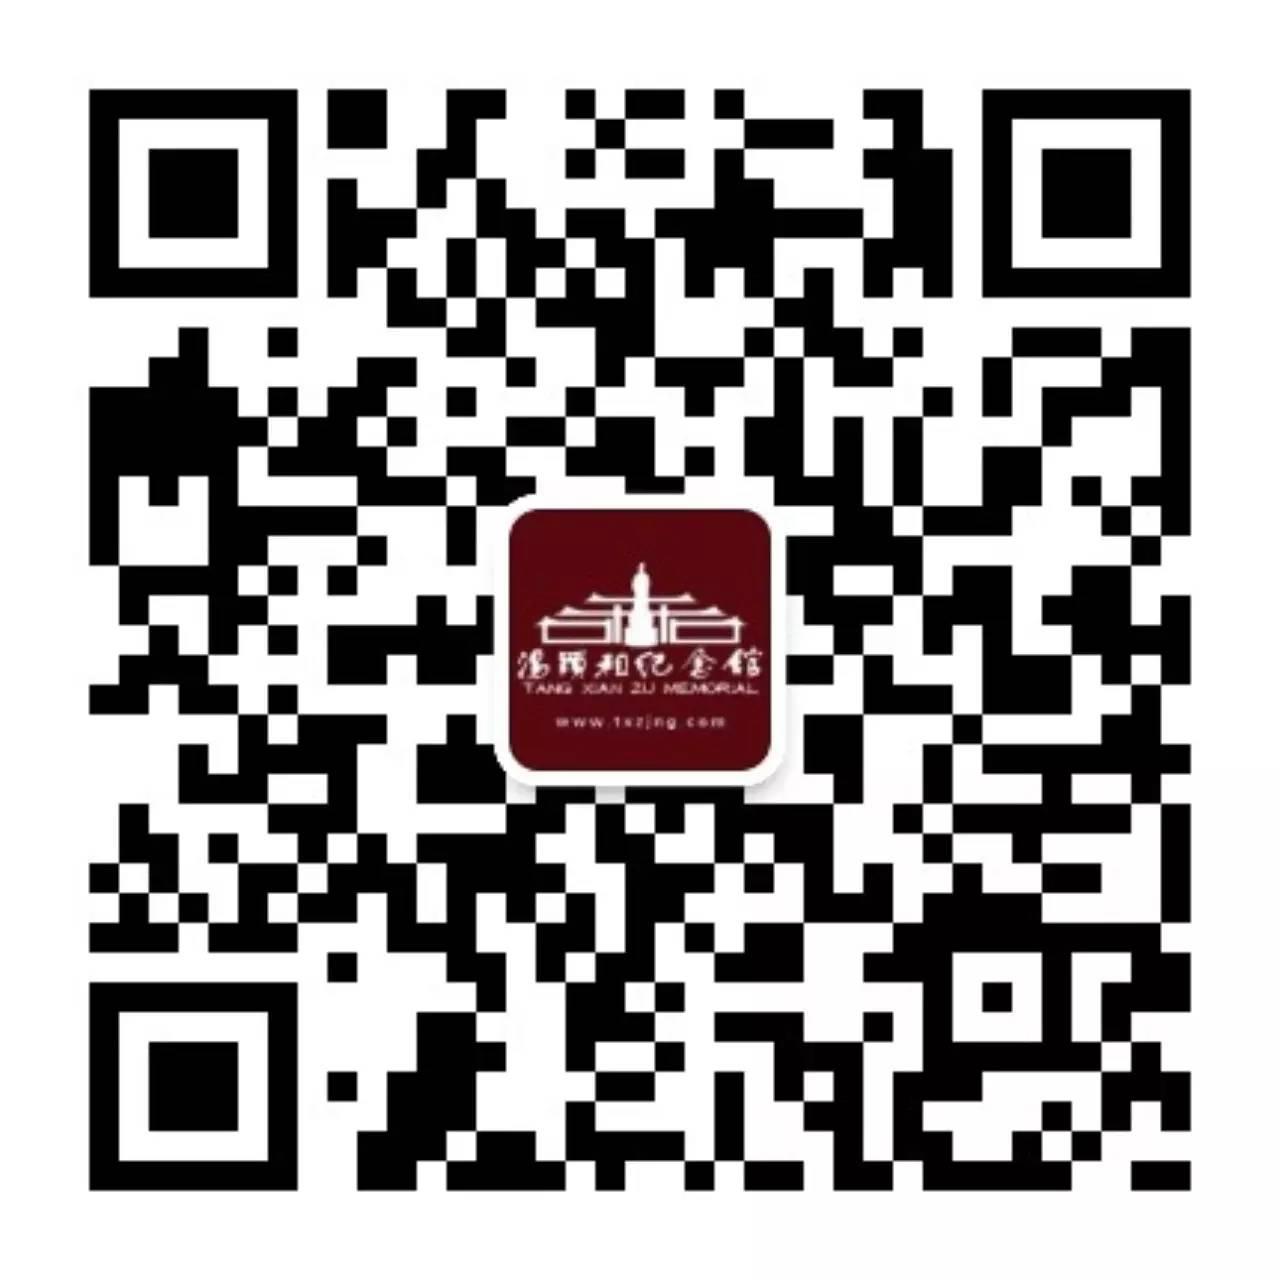 fa6117f7d92e871727881967064c20d6.jpg